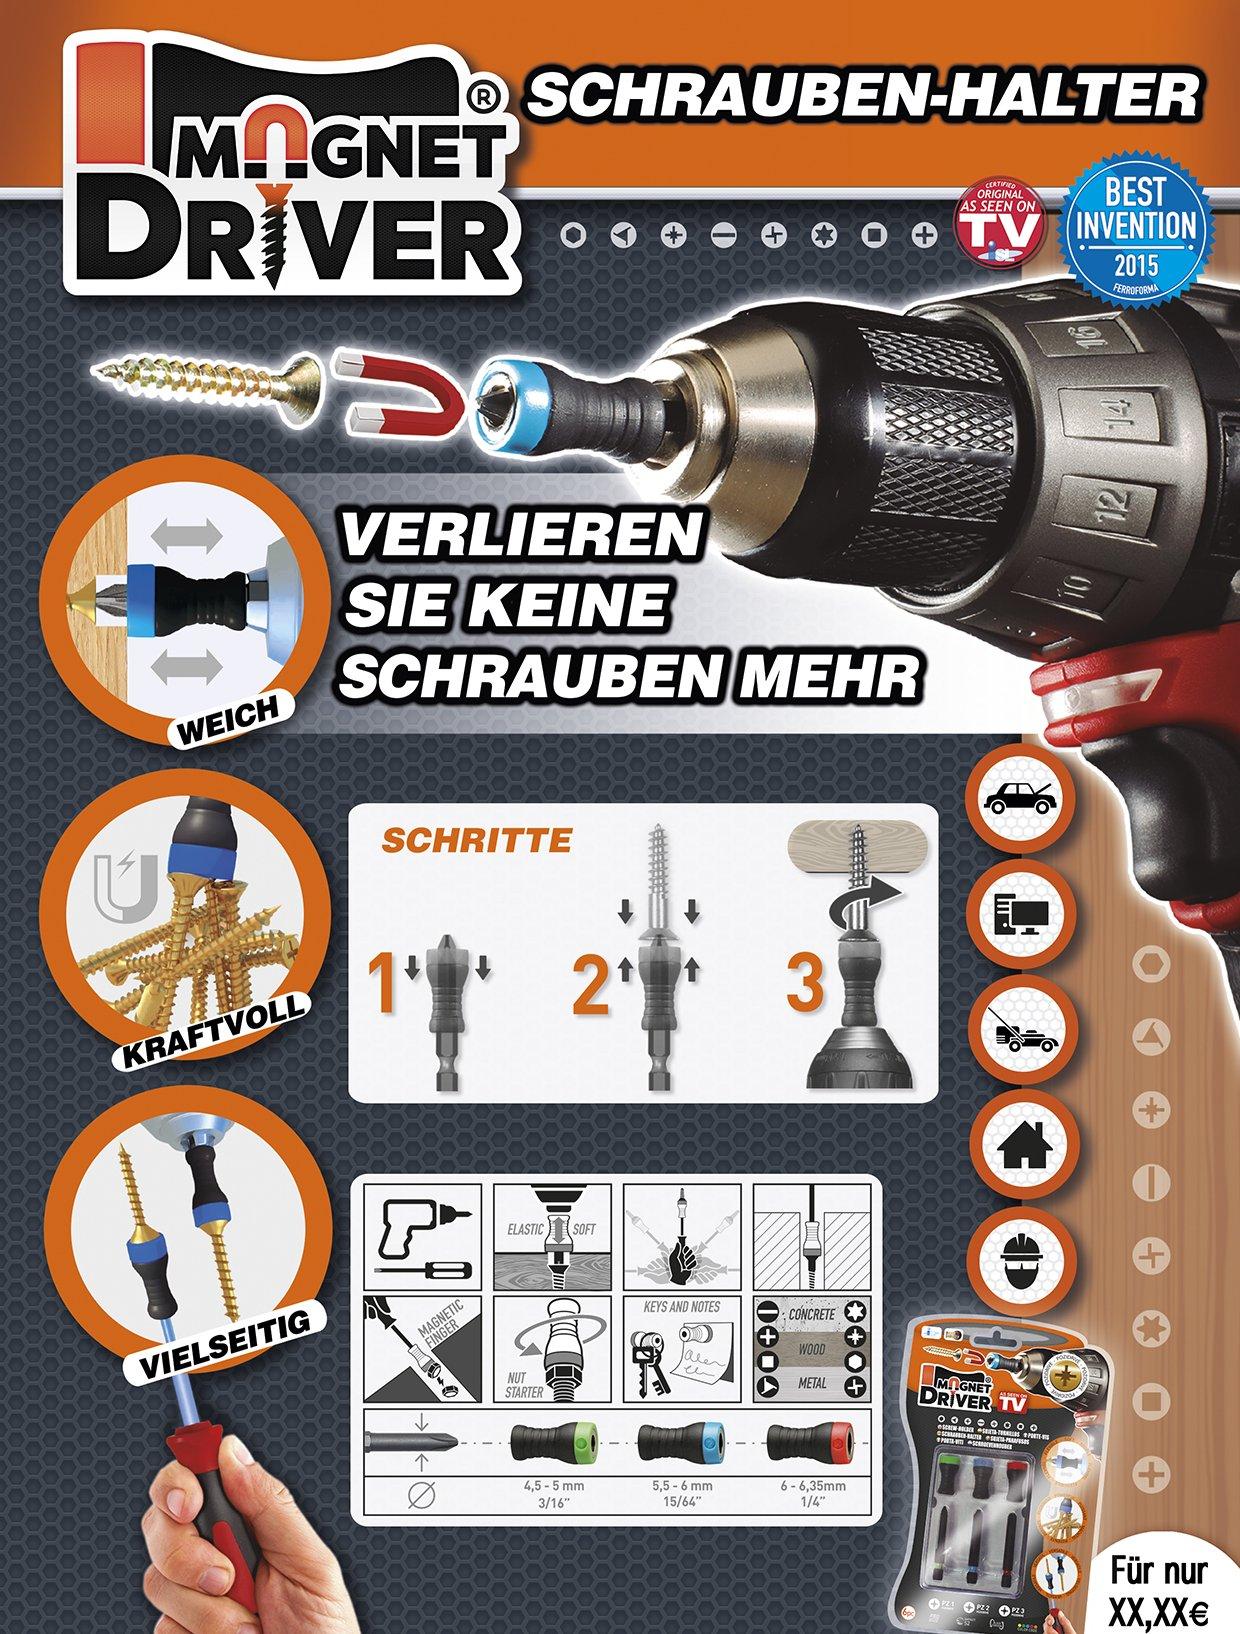 Magnet Driver schroevenhouder